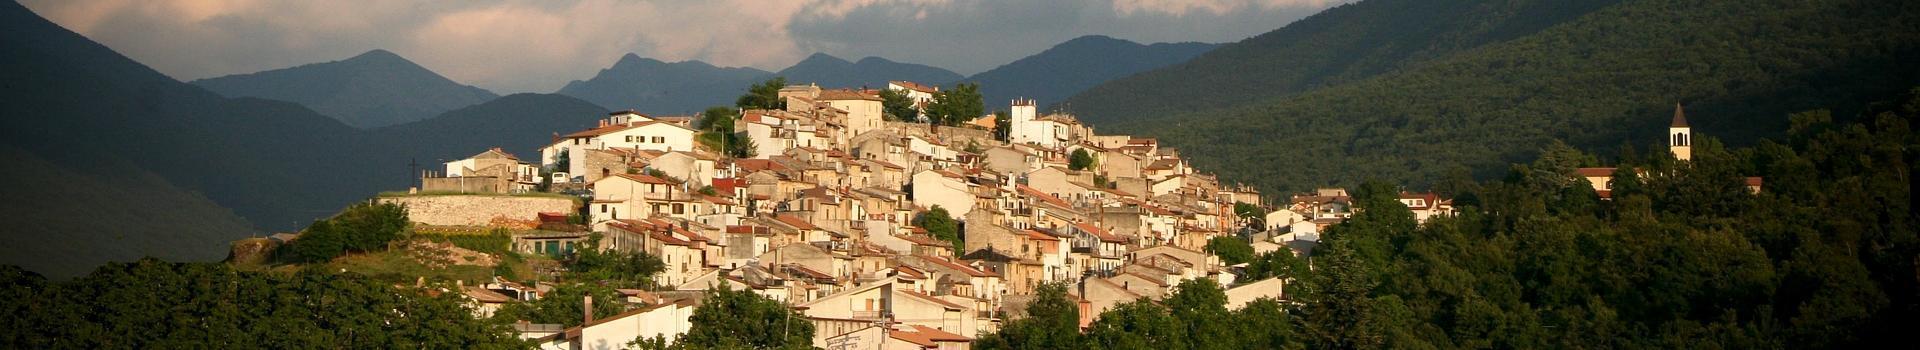 Il panorama del borgo di Villavallelonga